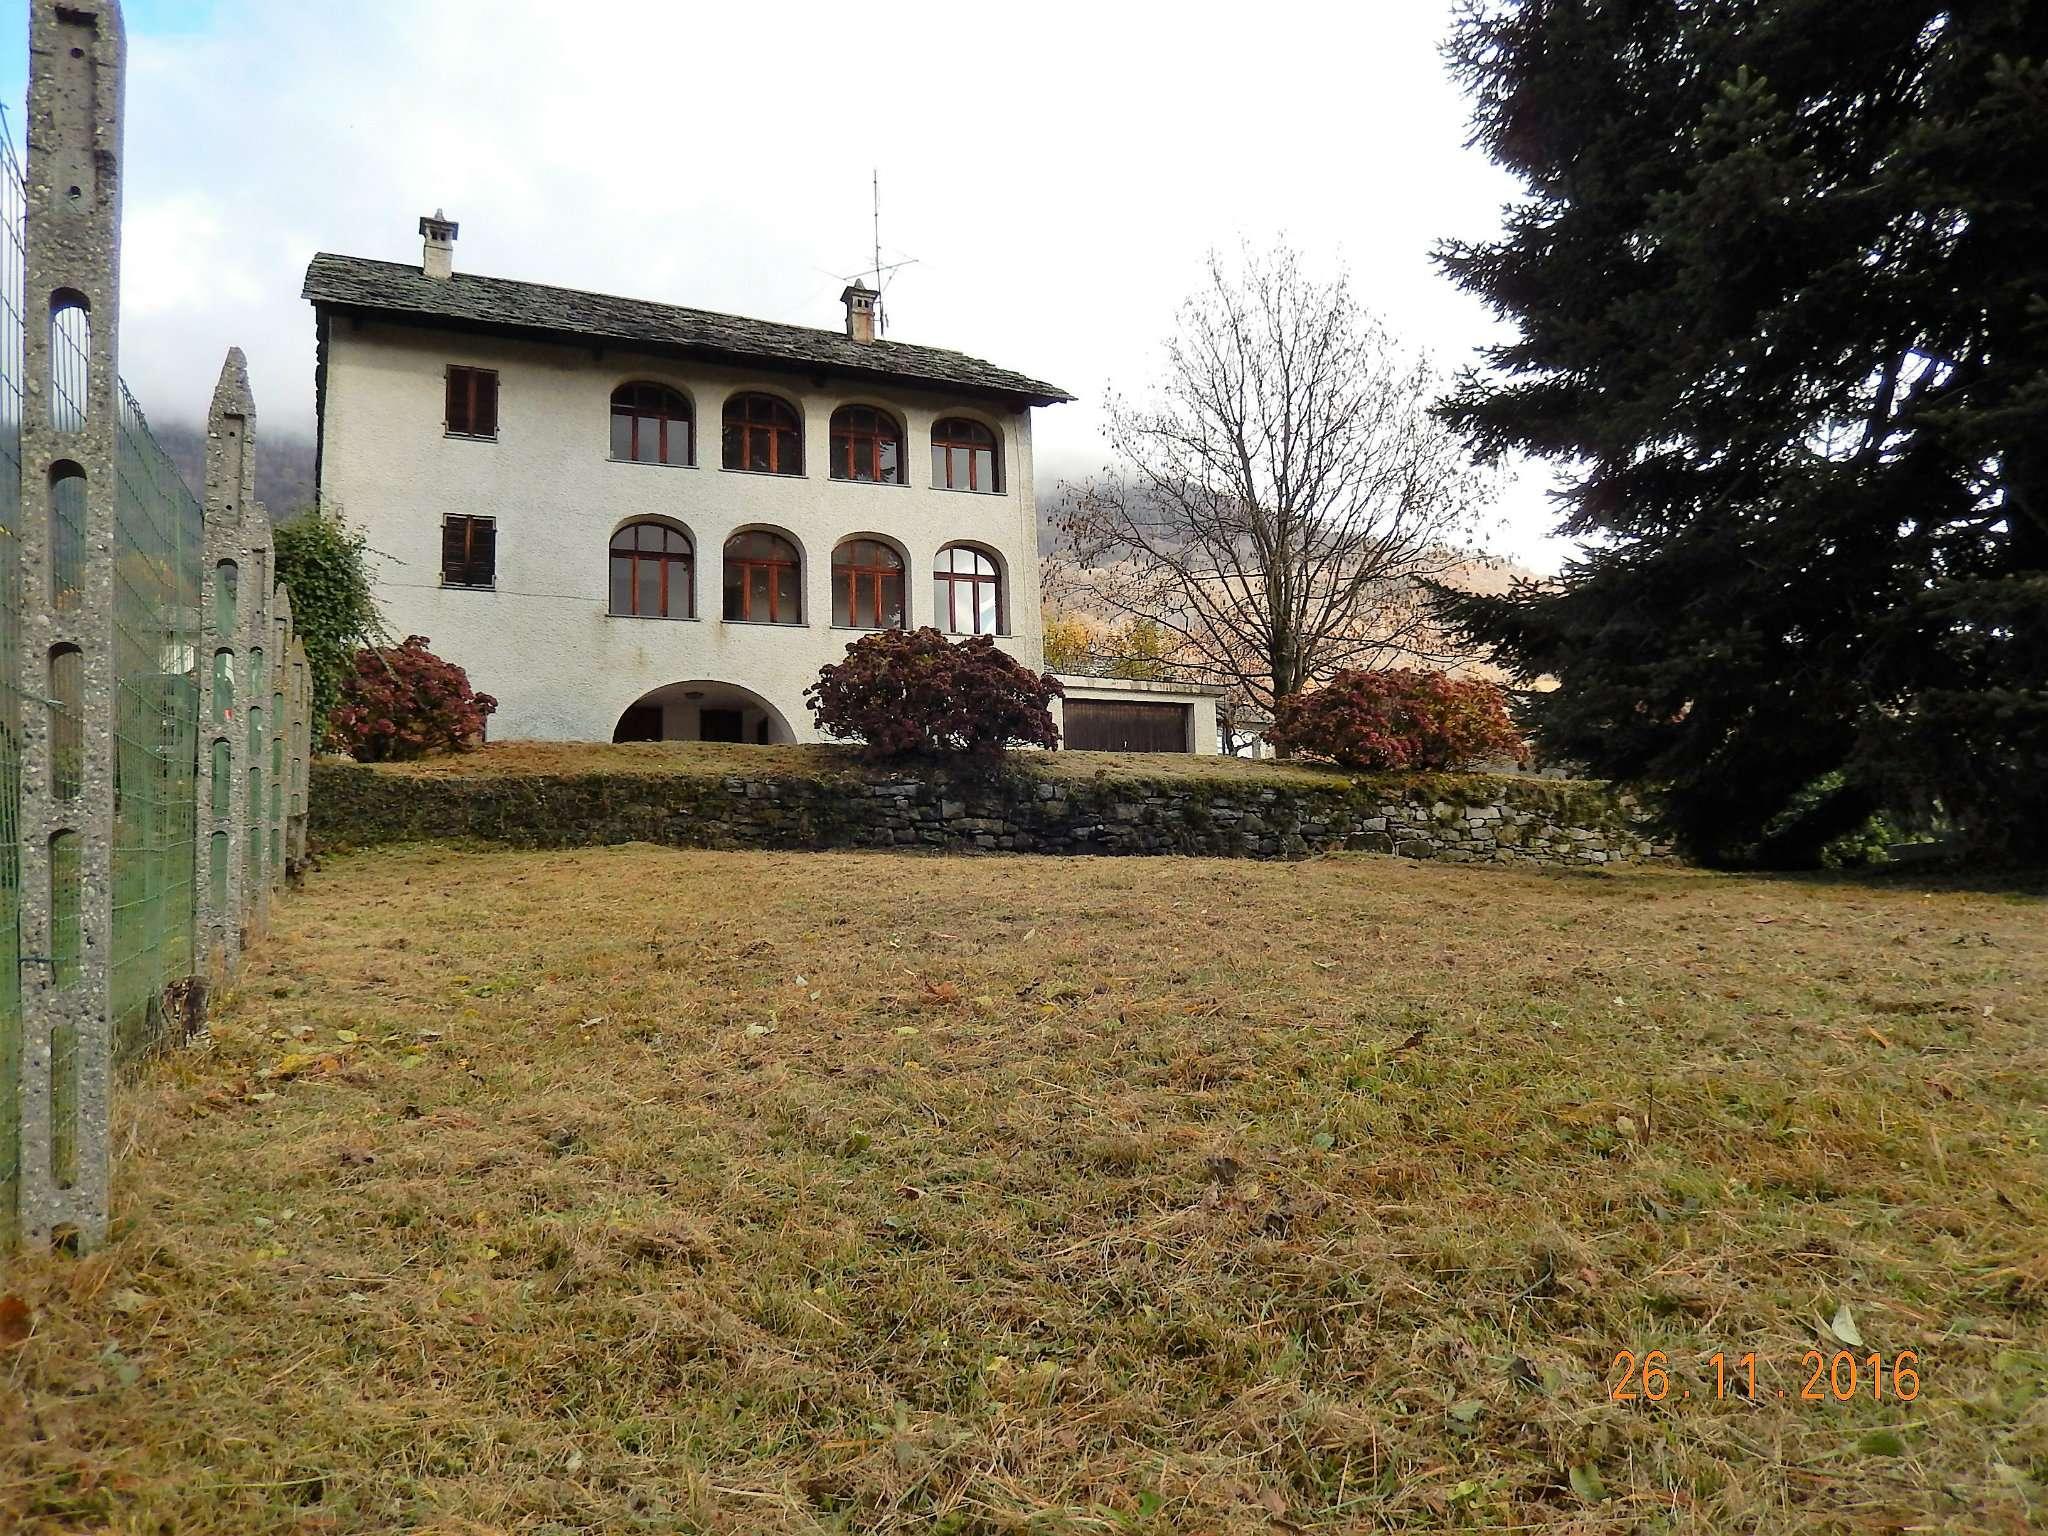 Foto 1 di Casa indipendente via provinciale per traversella, frazione Drusacco, Vico Canavese